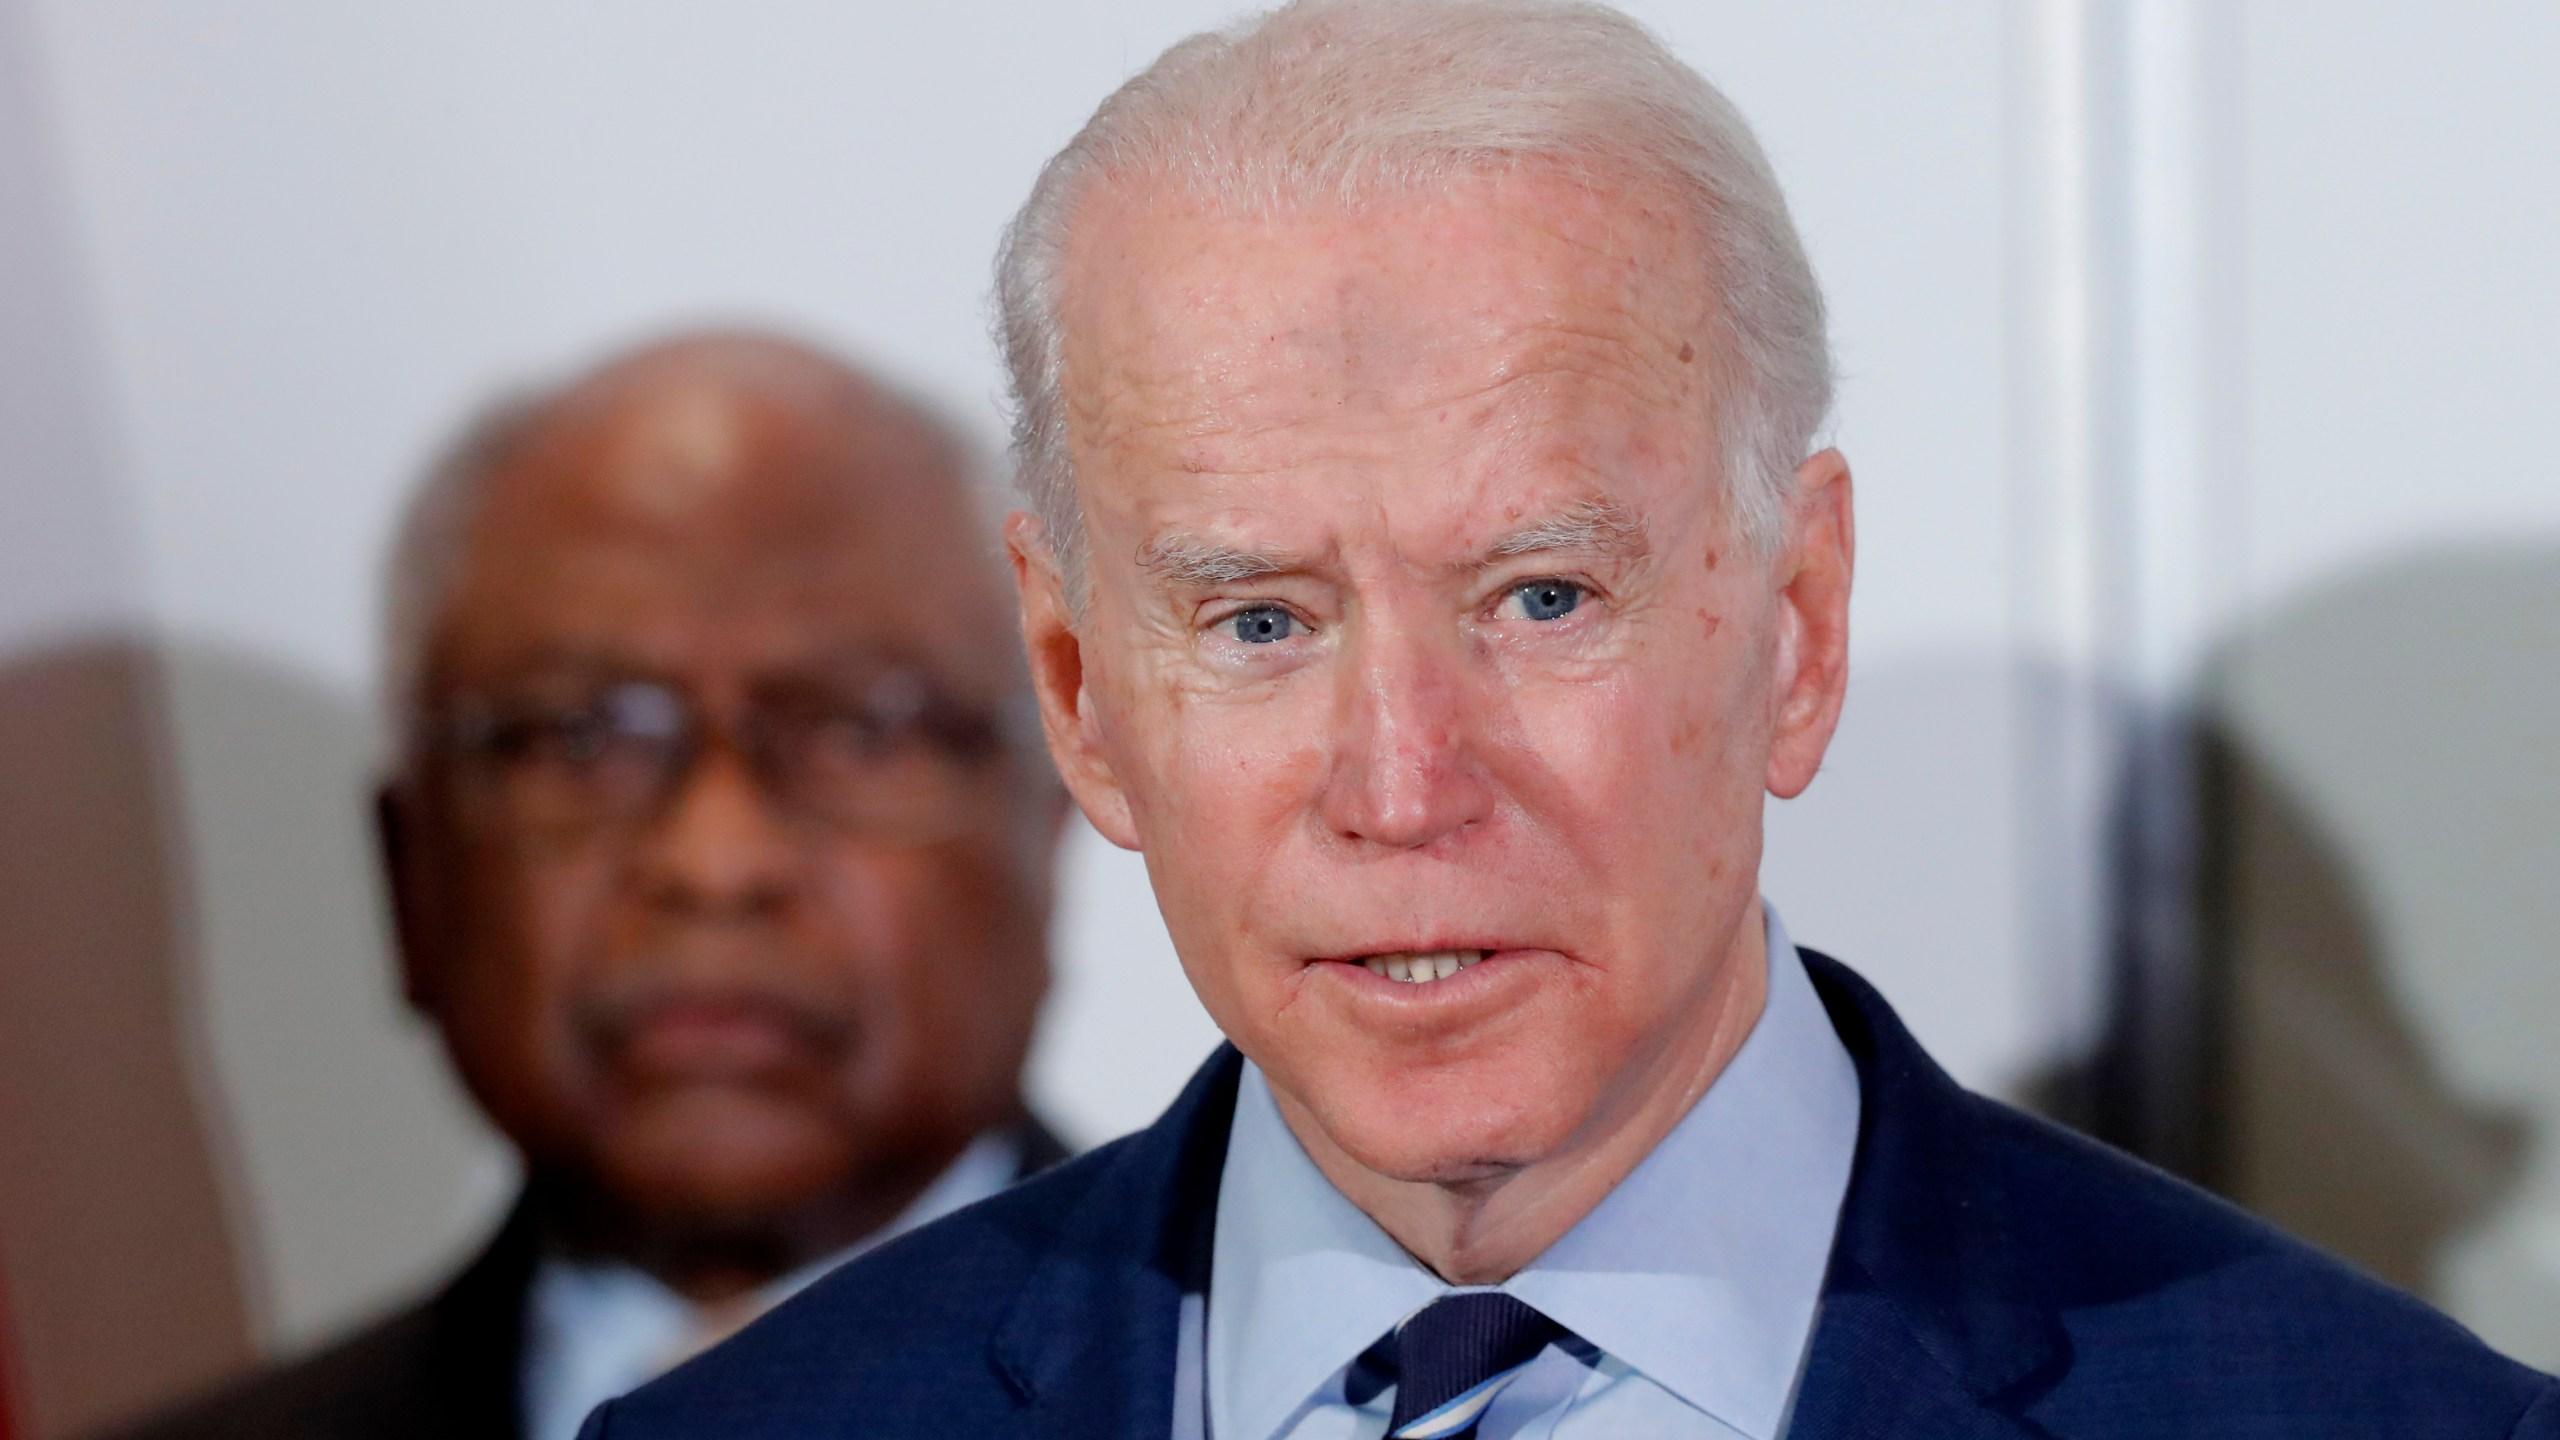 Joe Biden, Jim Clyburn